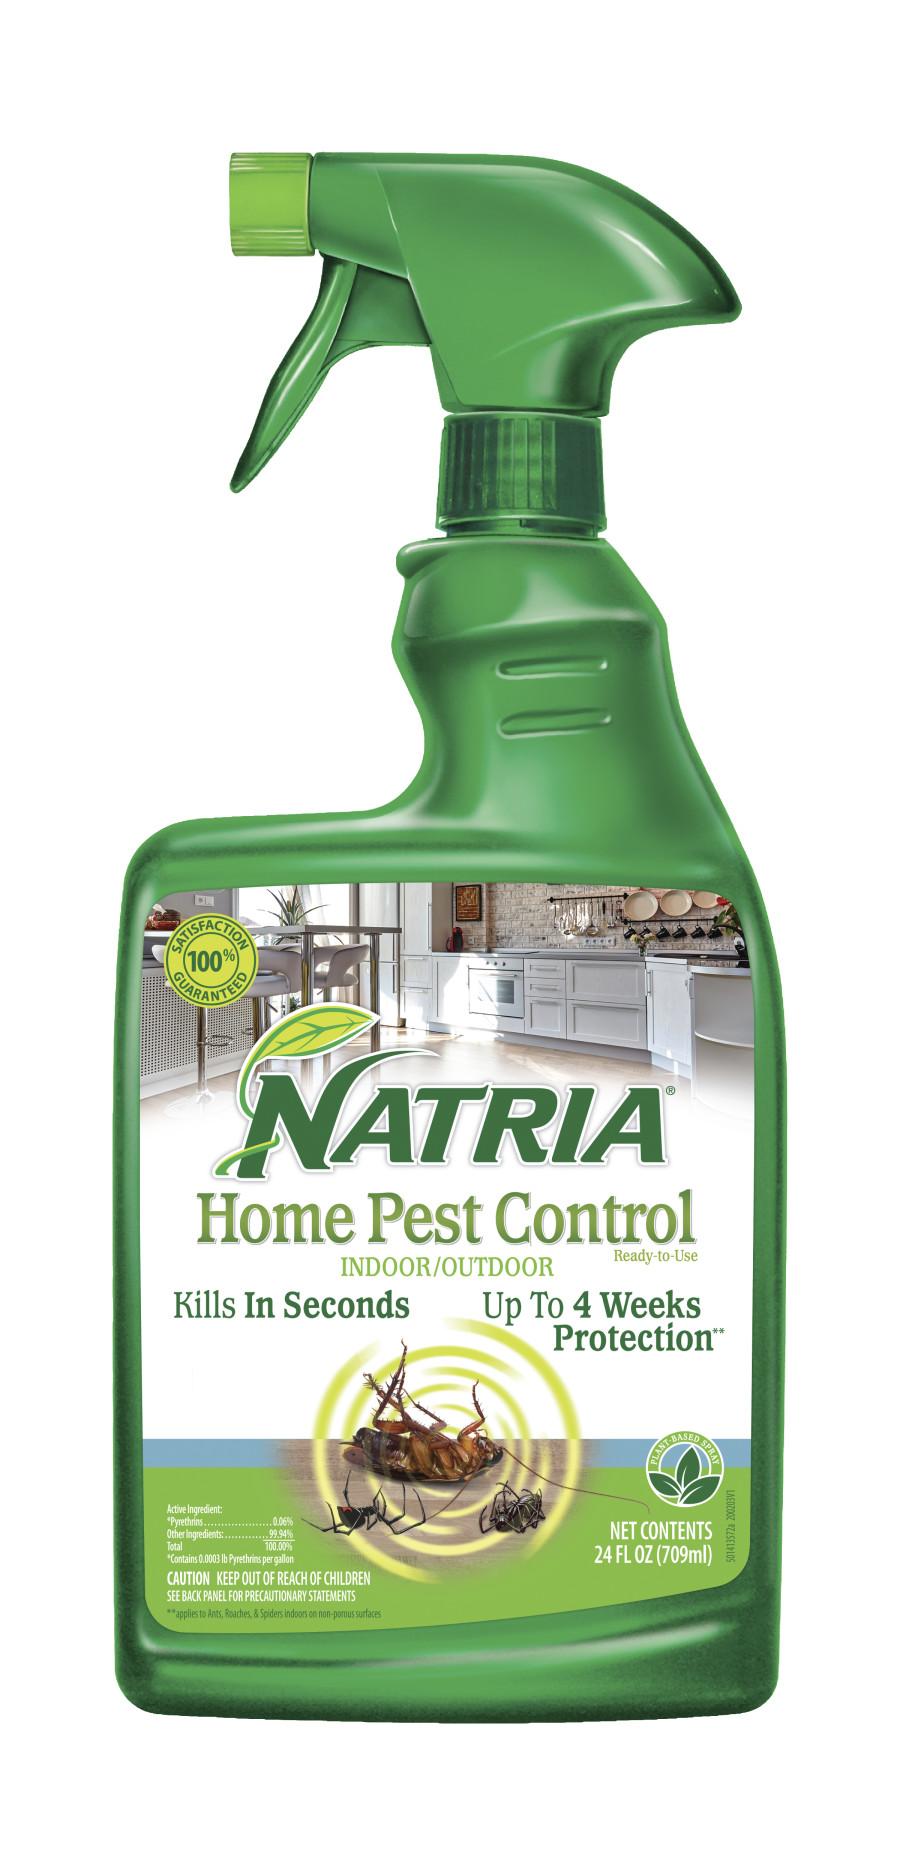 BioAdvanced Natria Home Pest Control Ready to Use 4ea/24 oz